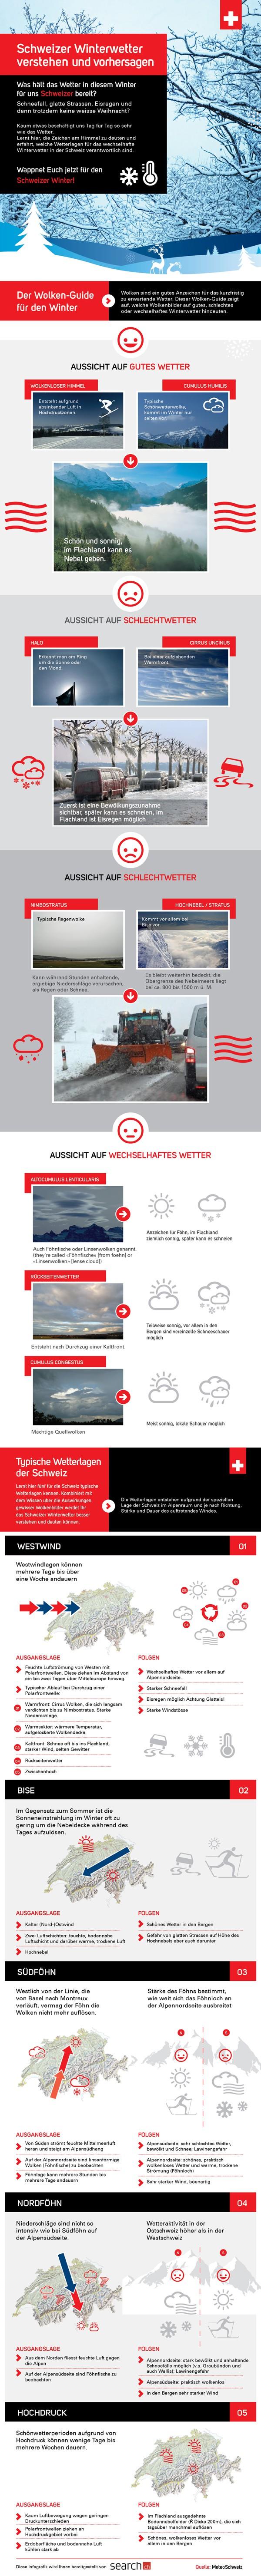 Wetter Infografik Schweizer Winterwetter